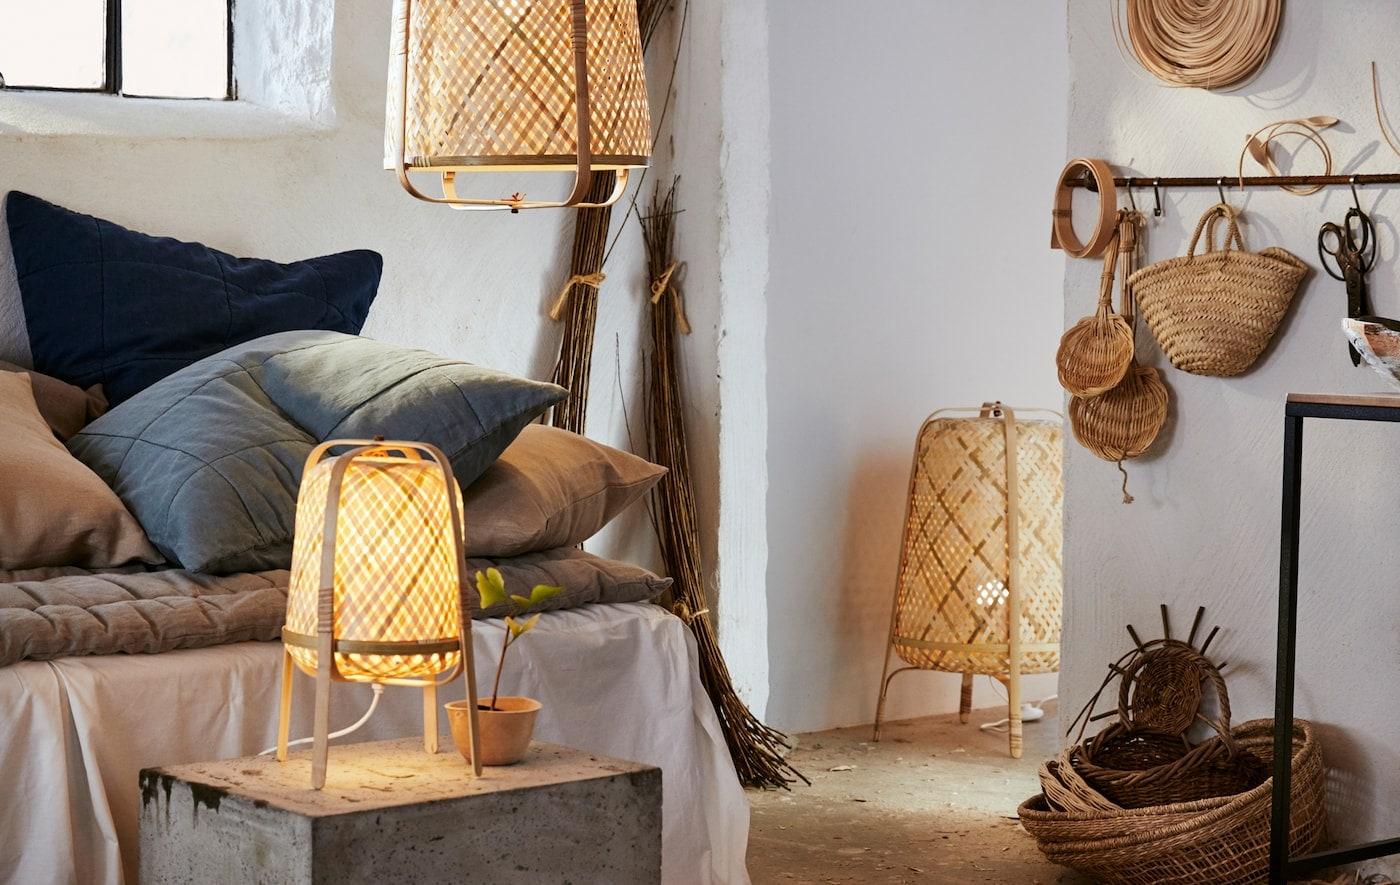 Lien vers IDÉE 'De quoi seront faits les meubles IKEA en 2030?' - image de pièce blanche avec des lampes KNIXHULT